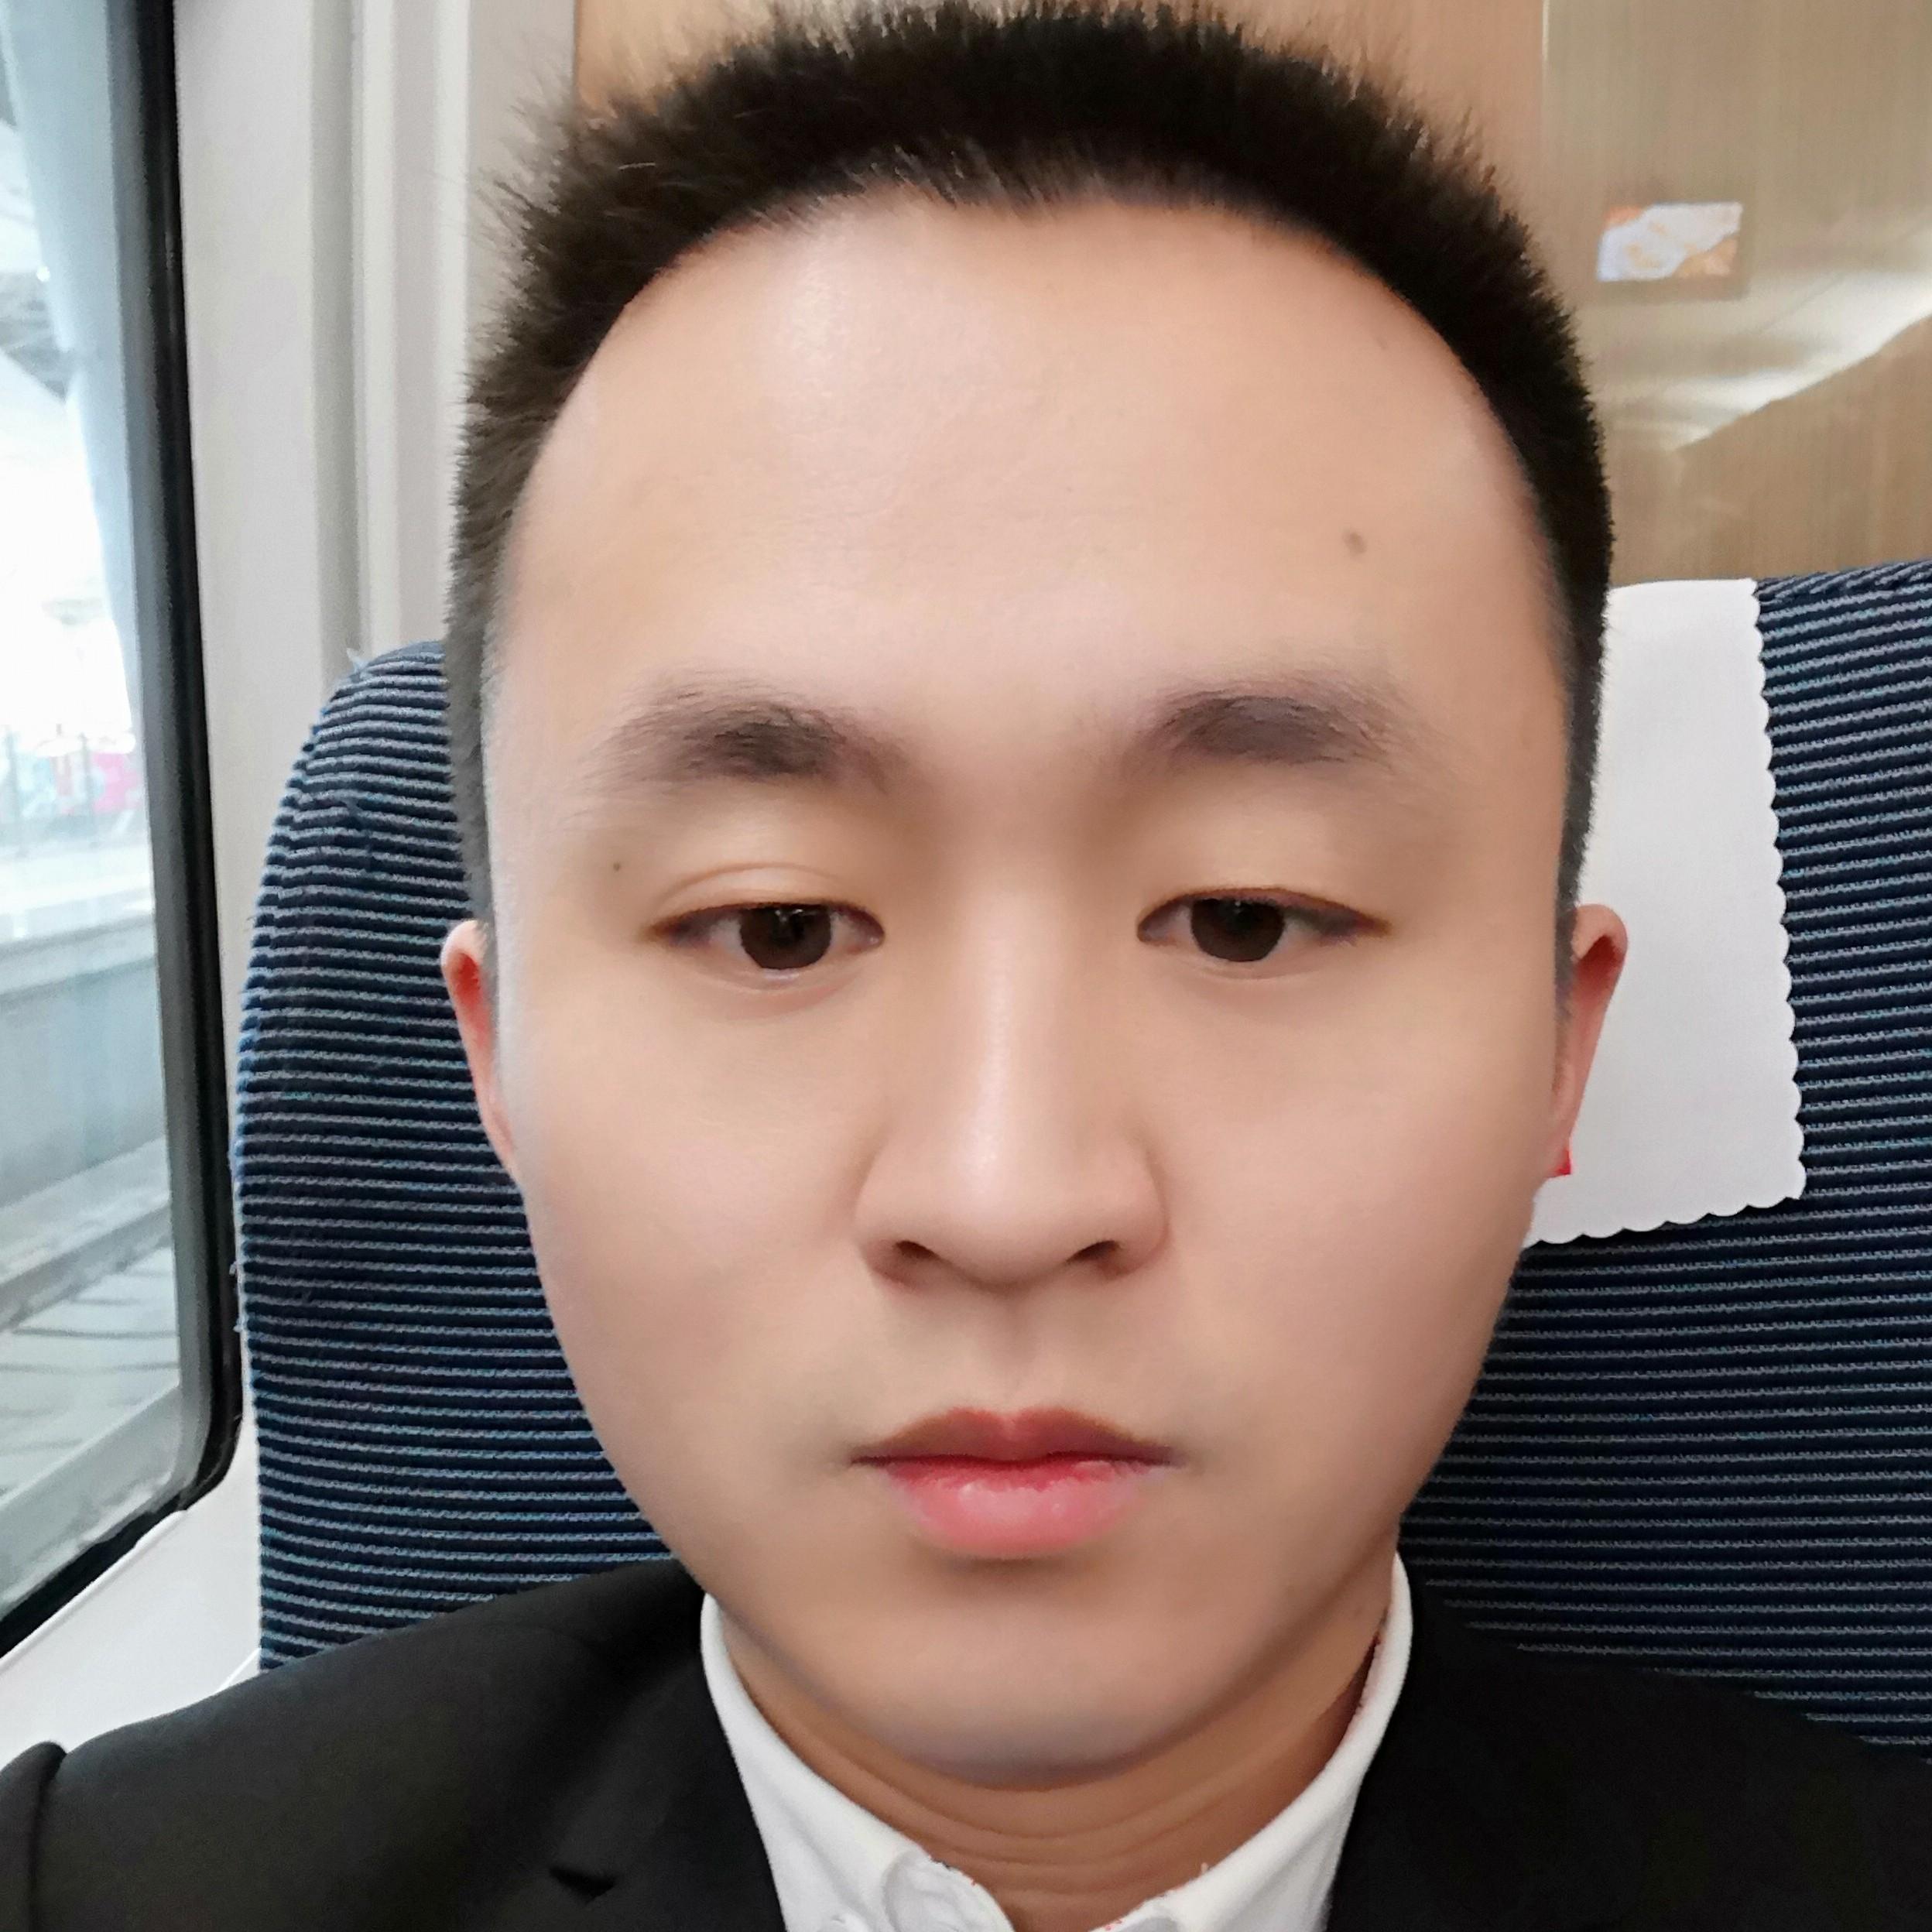 云海肴(上海)餐饮管理有限公司物流主管田国栋照片